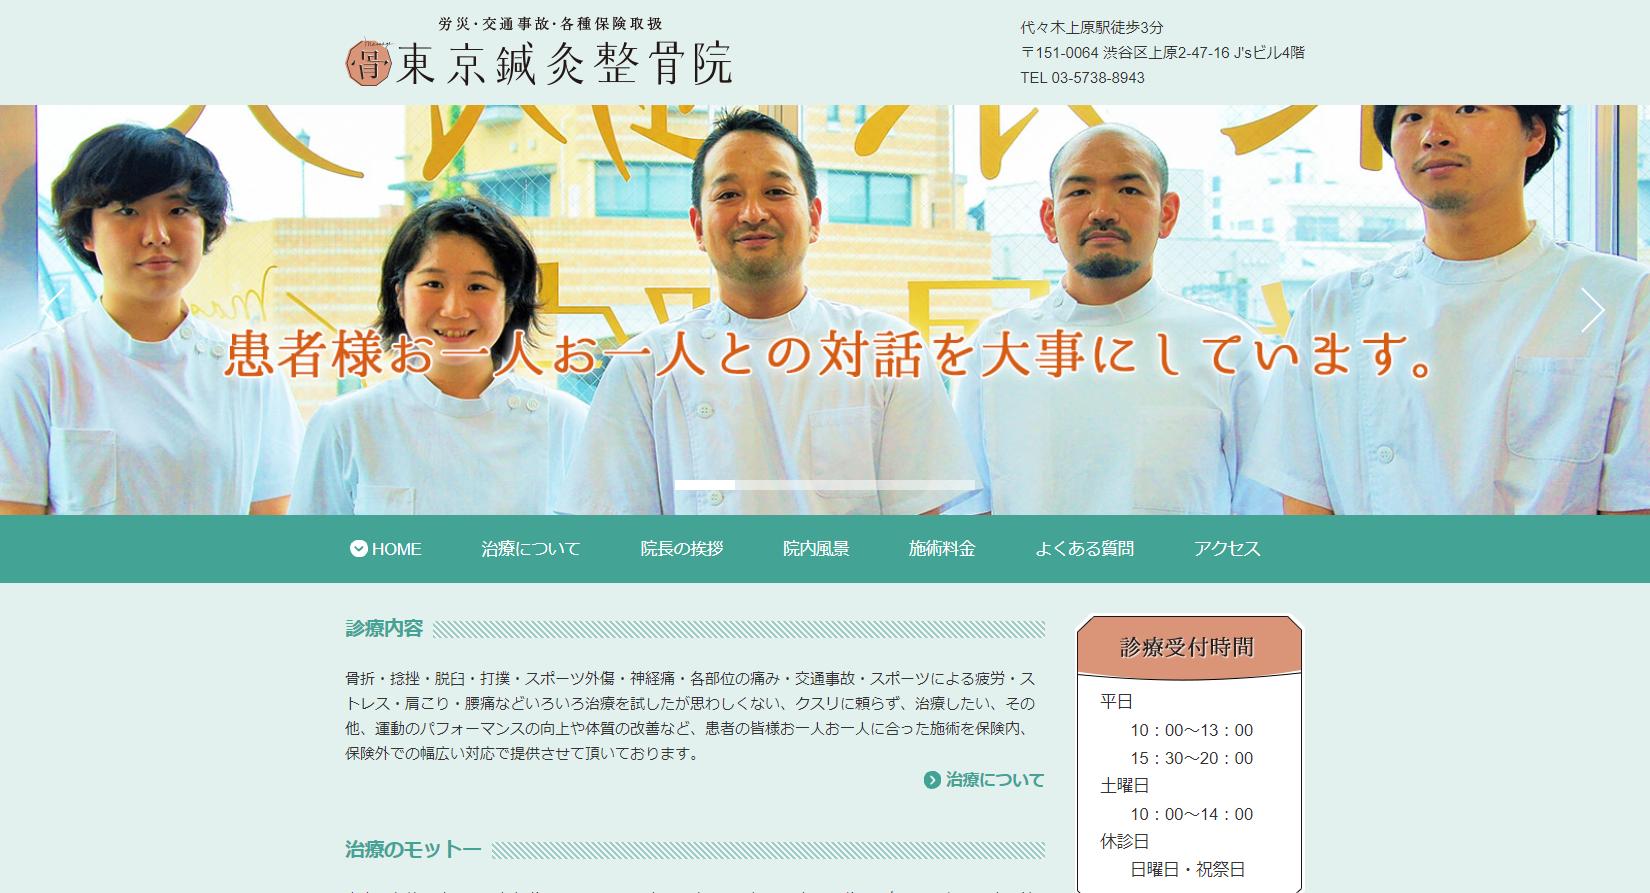 東京鍼灸整骨院のサムネイル